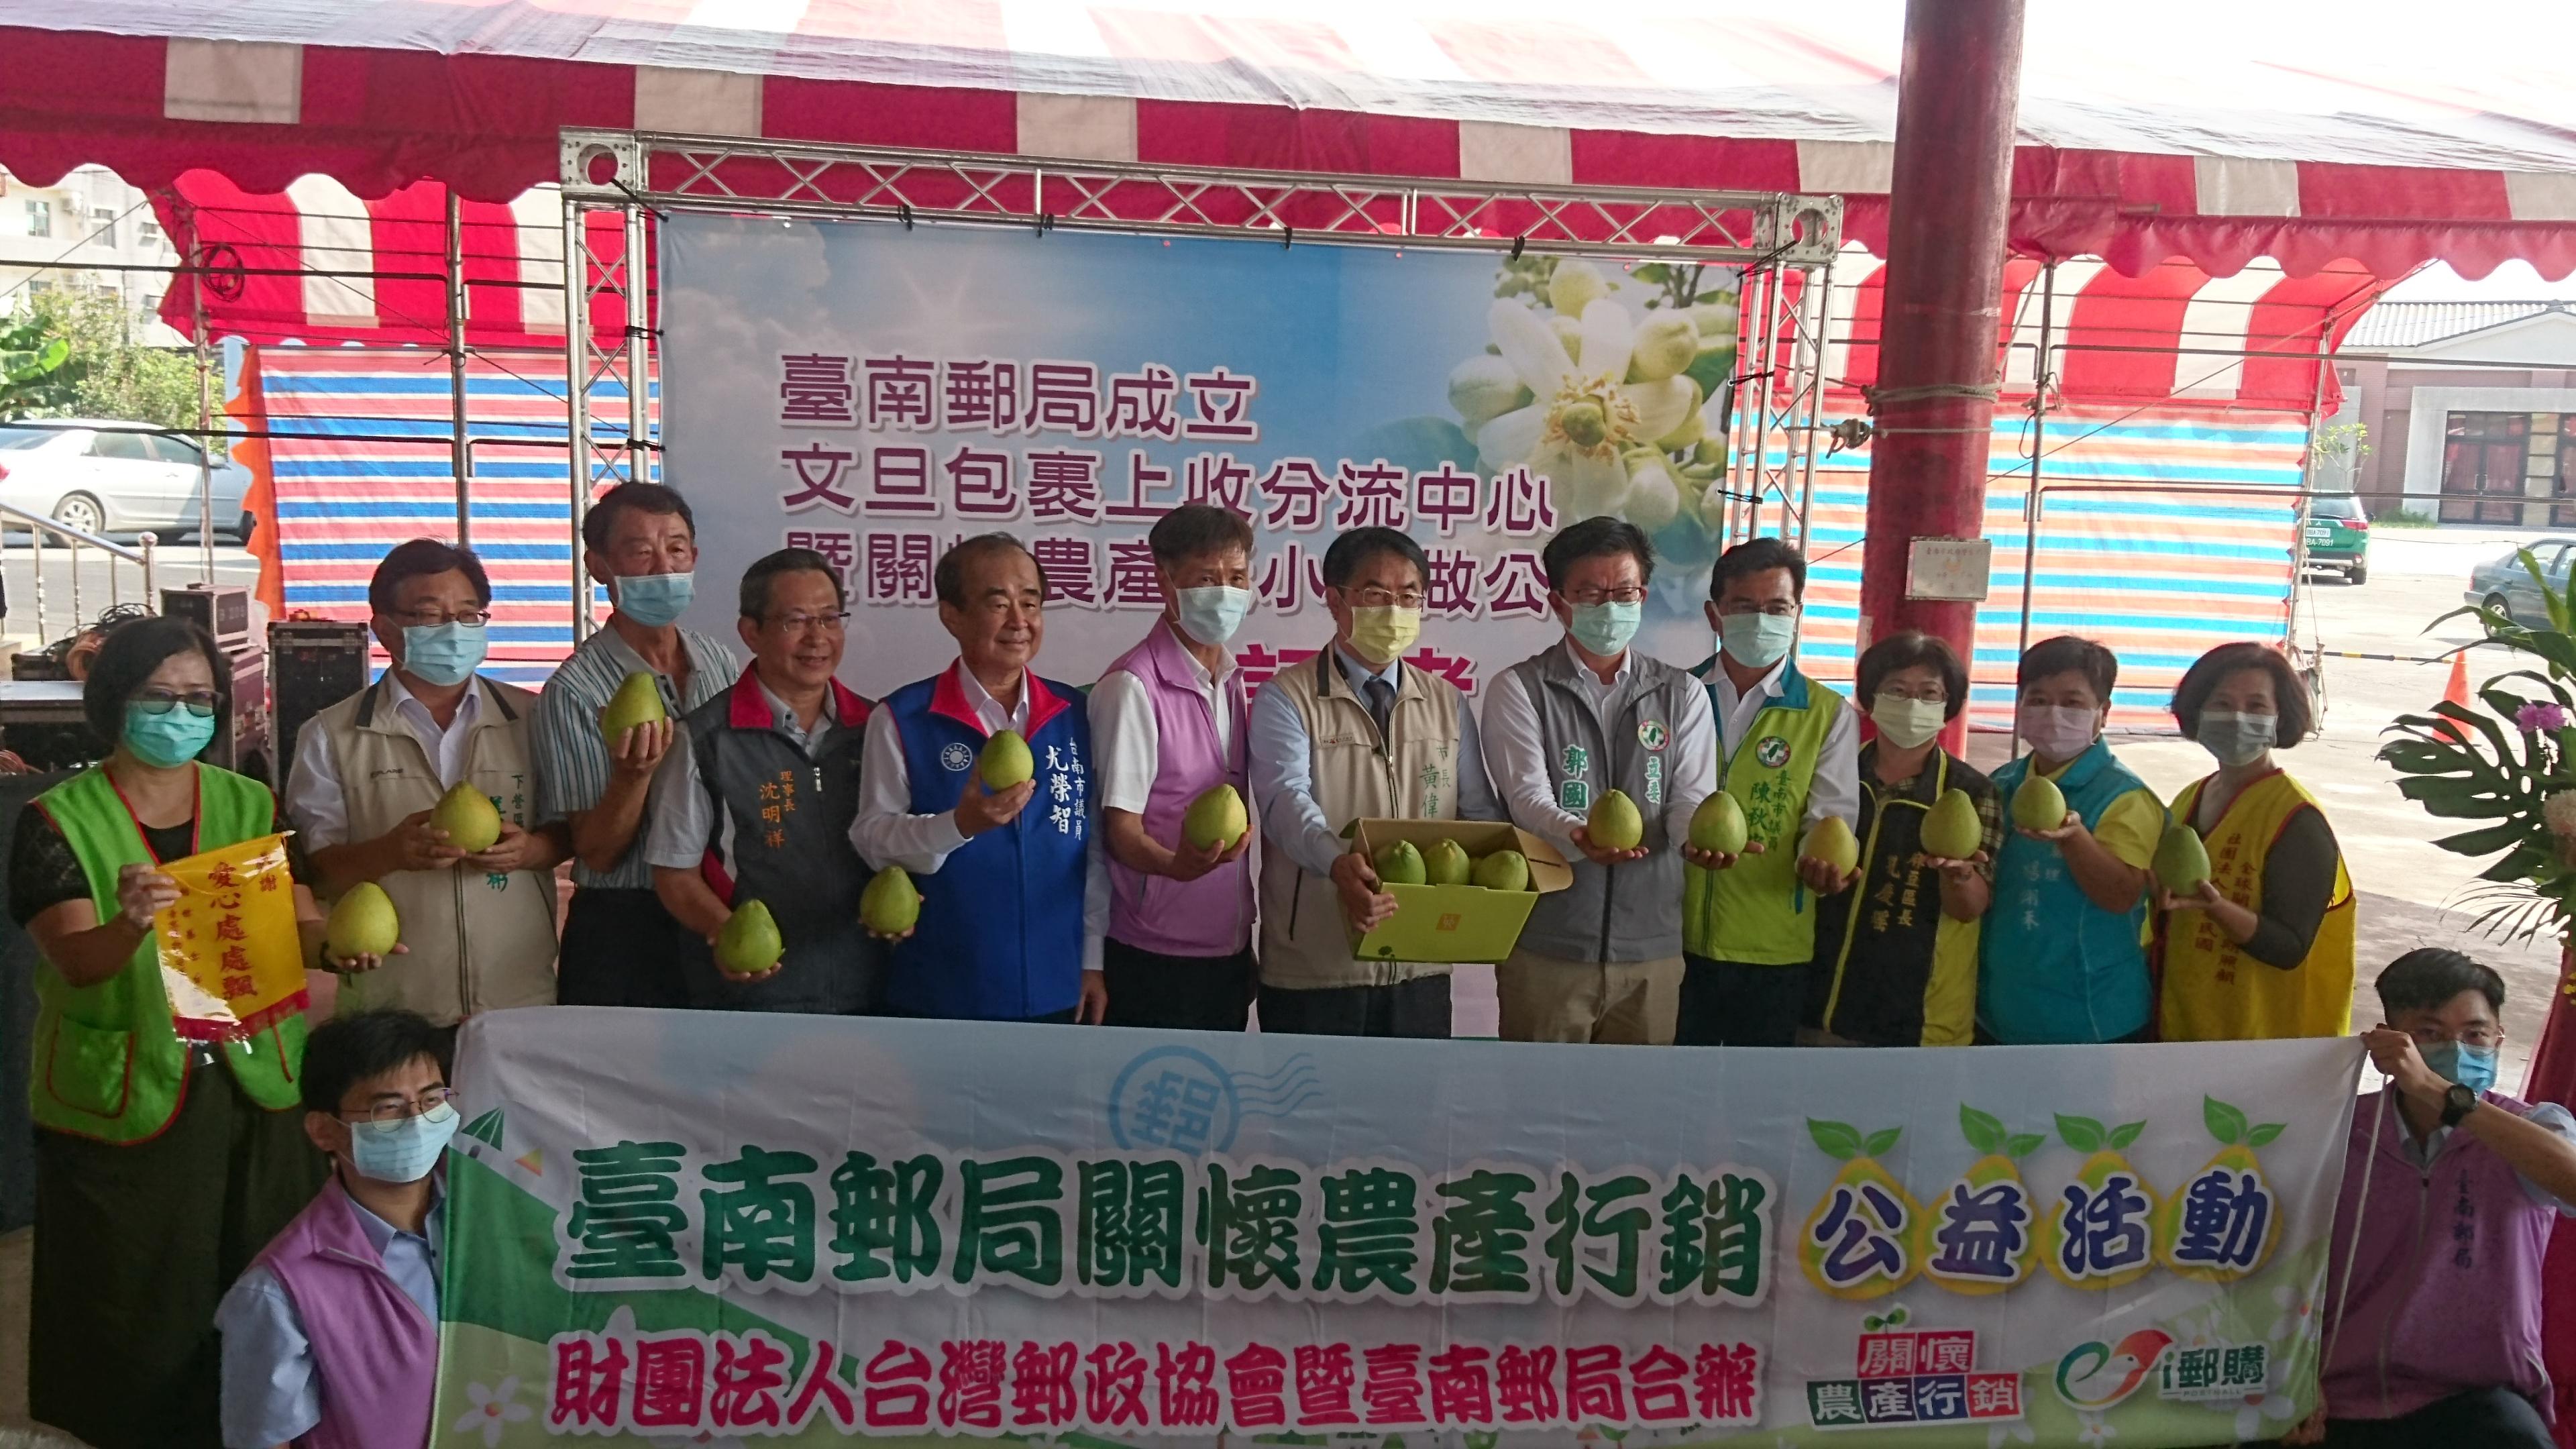 臺南郵局成立文旦包裹收寄處暨關懷農產挺小農做公益活動記者會